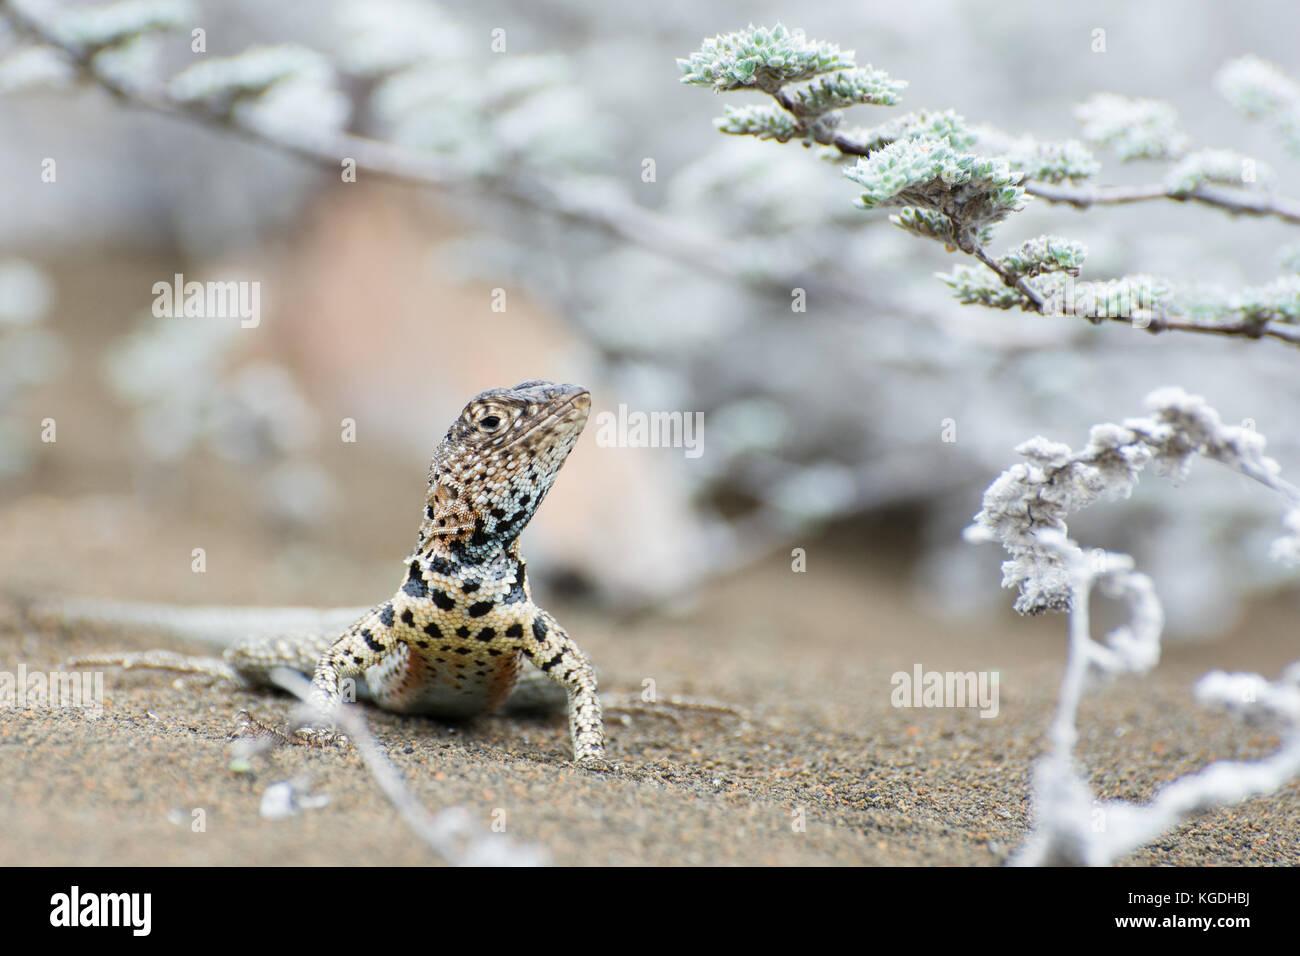 Ein lavastrom Eidechse sucht Schatten unter den tiquilia Pflanze, sowohl die Echse und die Anlage sind nur auf den Stockbild